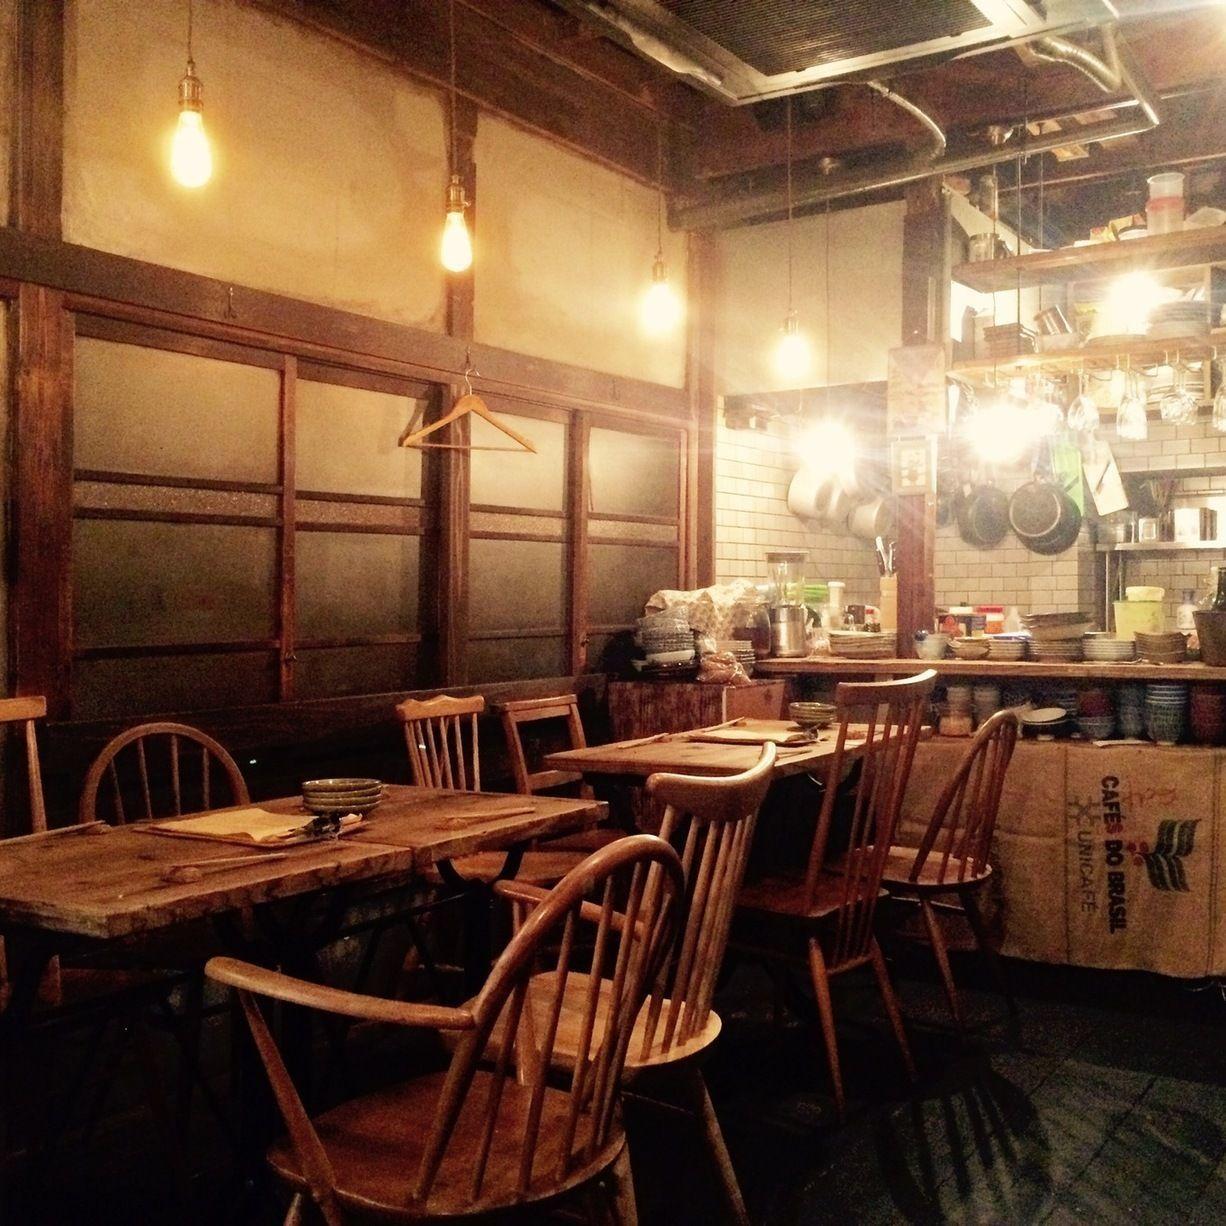 【八王子】今夜はおしゃれバルで素敵なひと時を♡厳選7店をご紹介!の画像